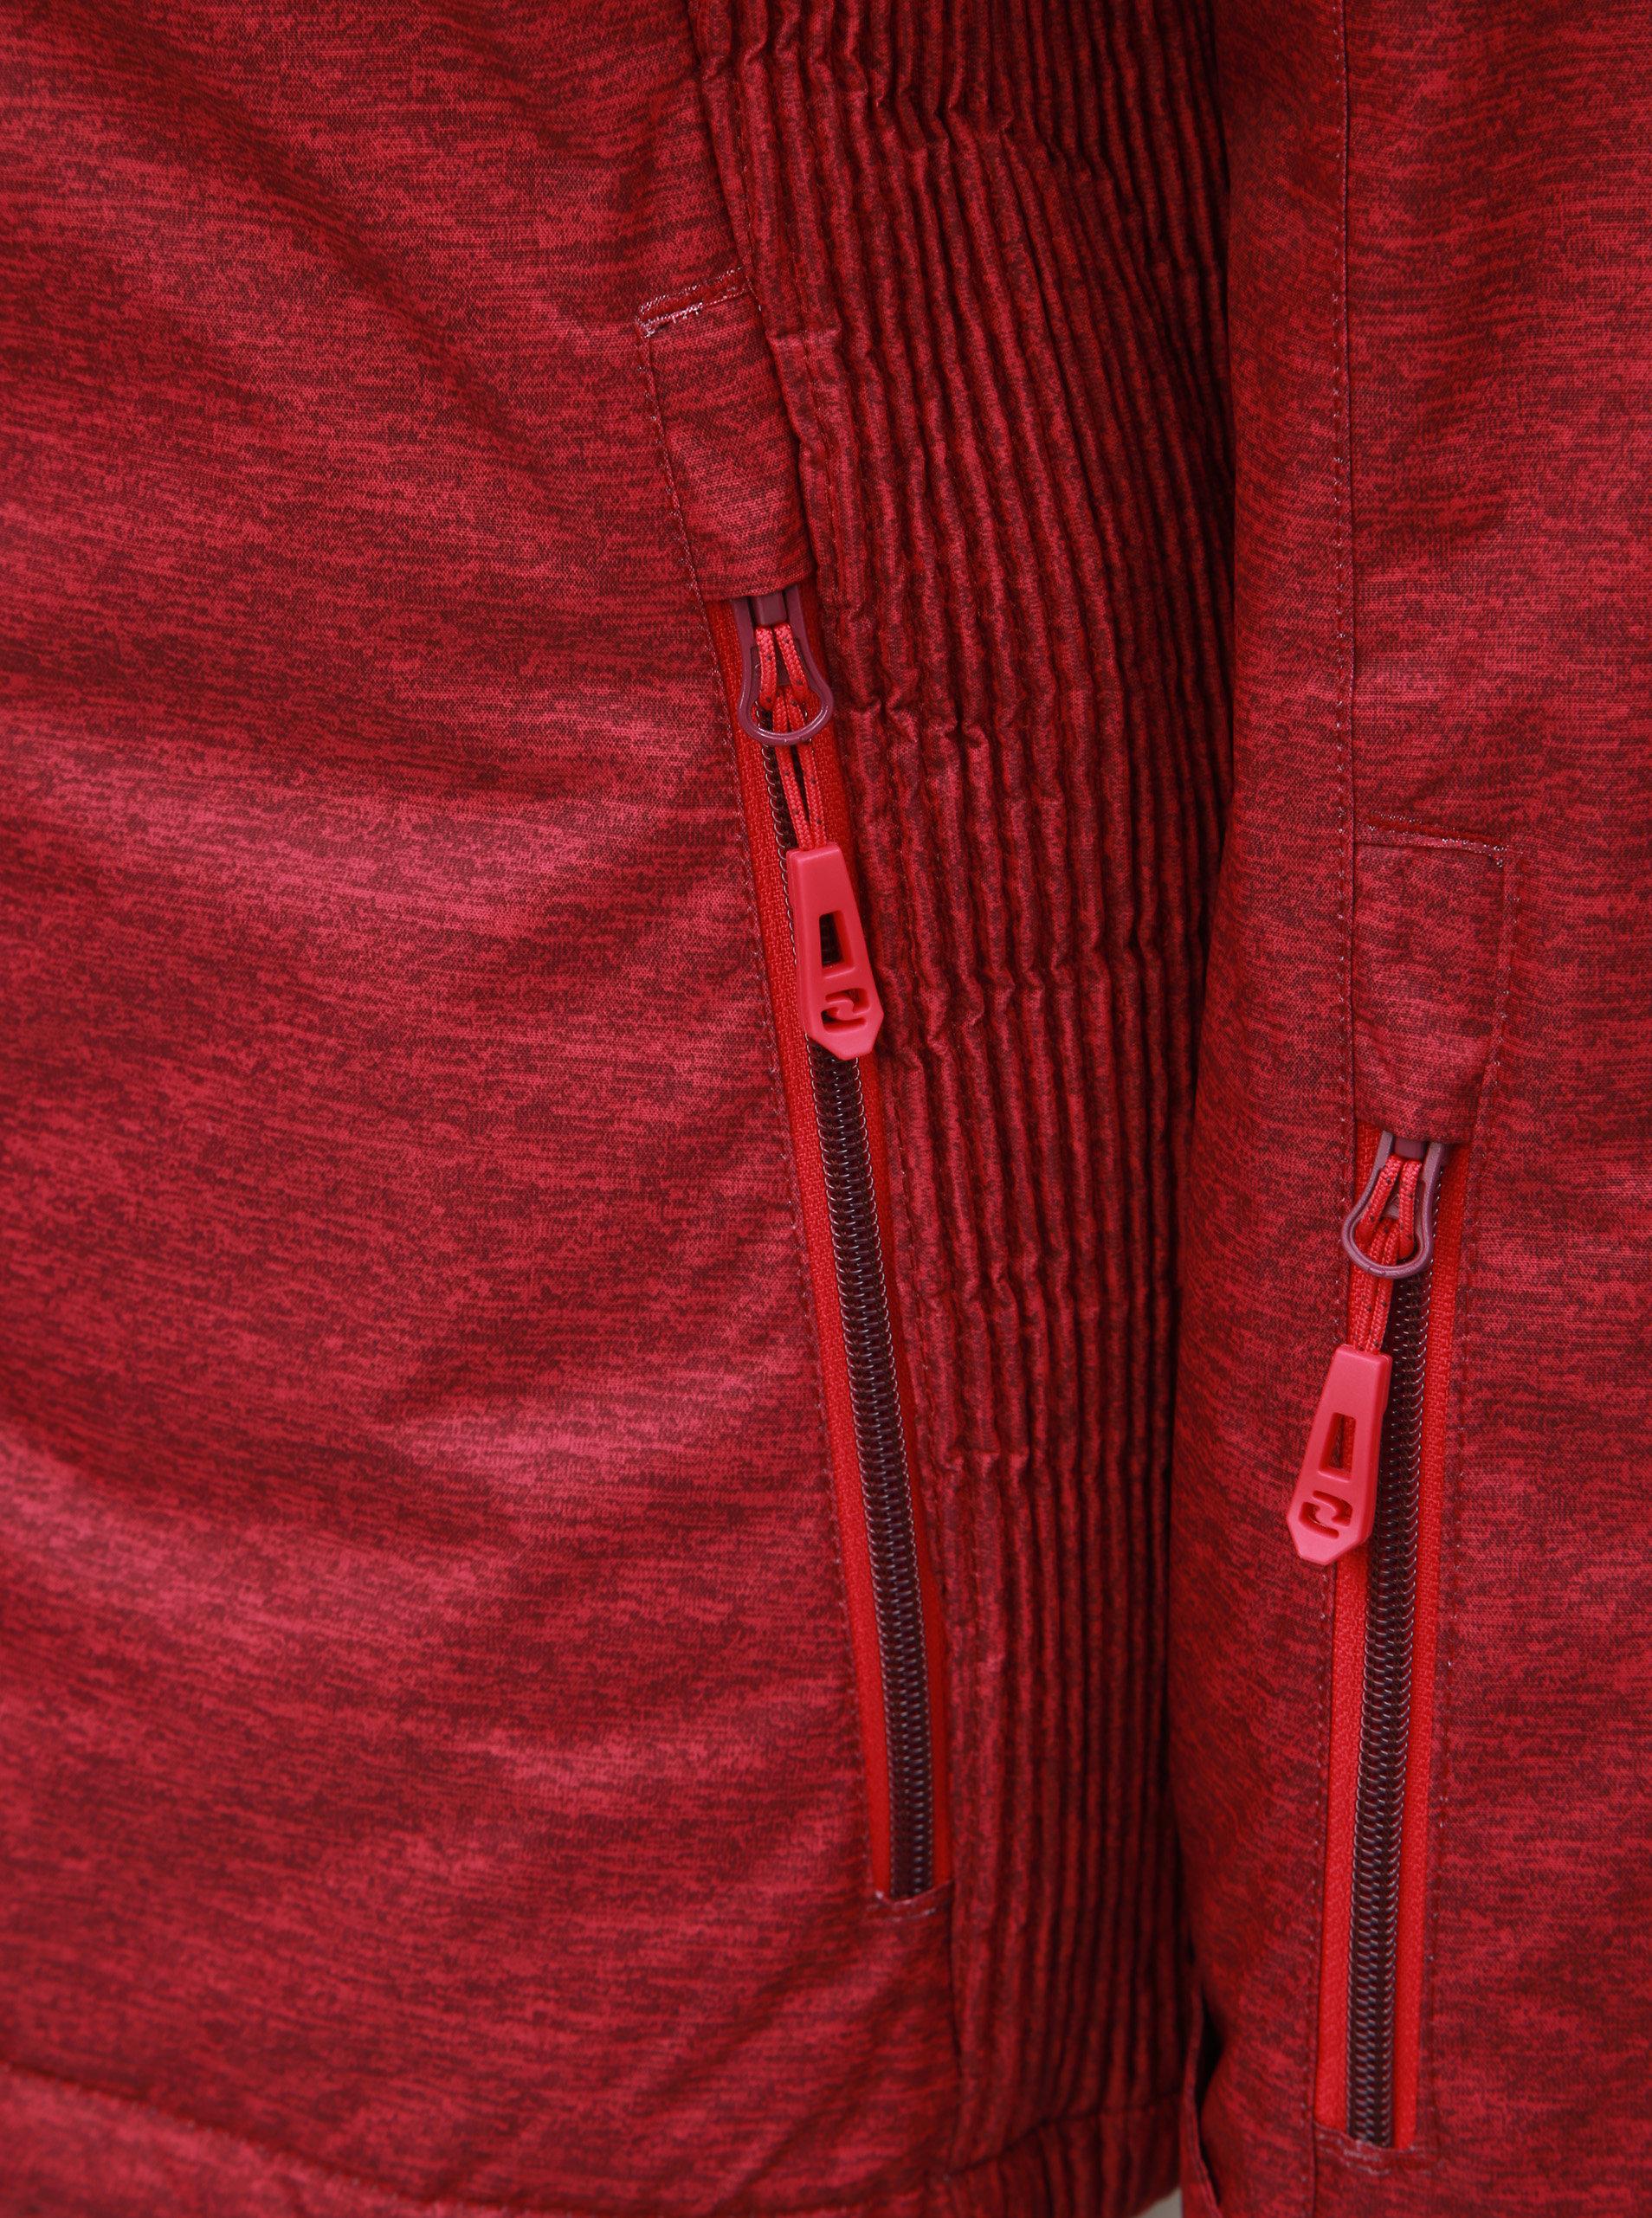 c891afc99e Tmavoružová dámska melírovaná lyžiarska bunda LOAP Francis ...